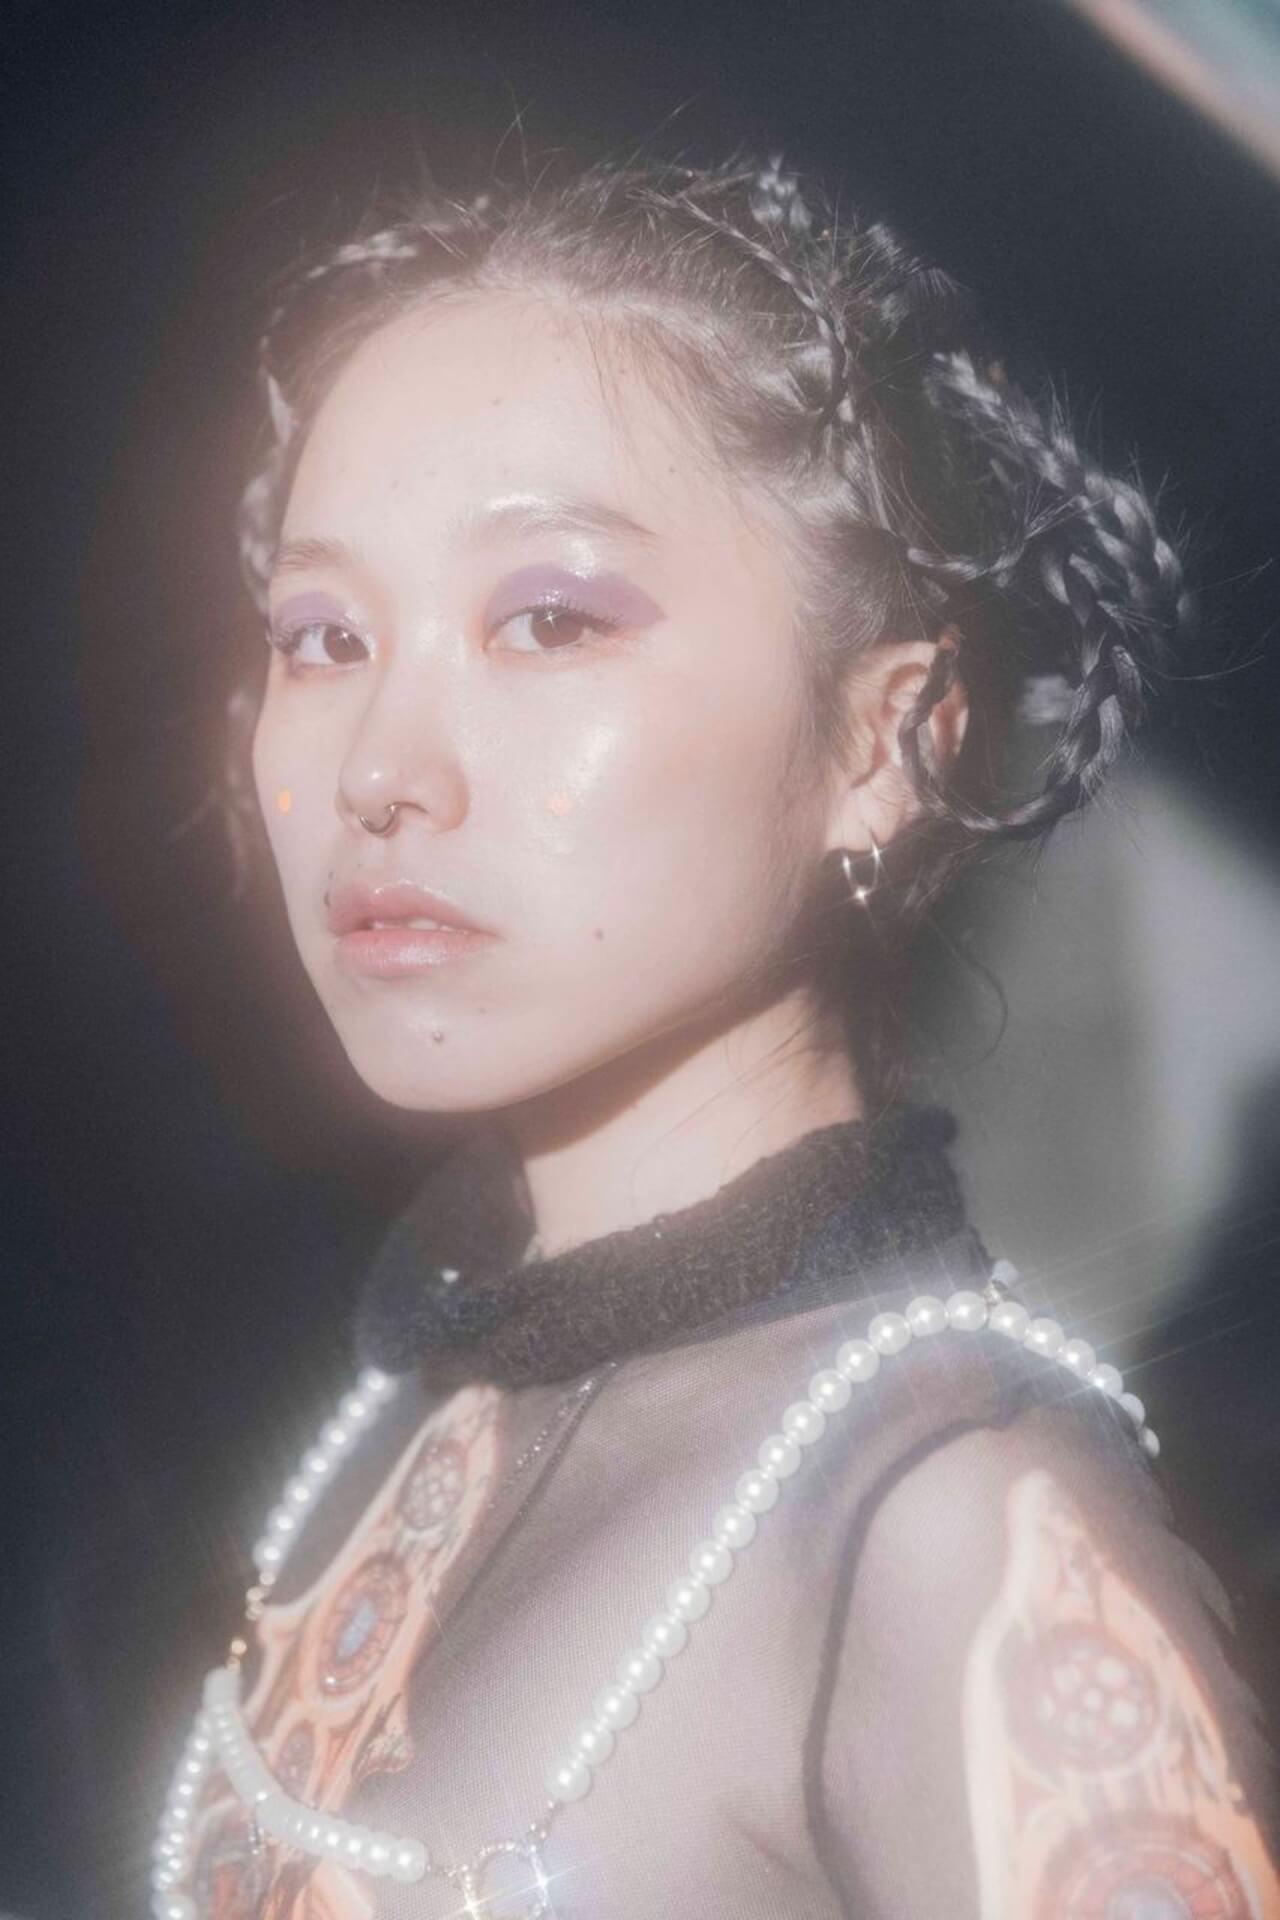 インタビュー:PEOPLEAP『THE SWEETEST TABOO』シリーズ Vol.3 killdisco art201201_peopleap_killdisco_04